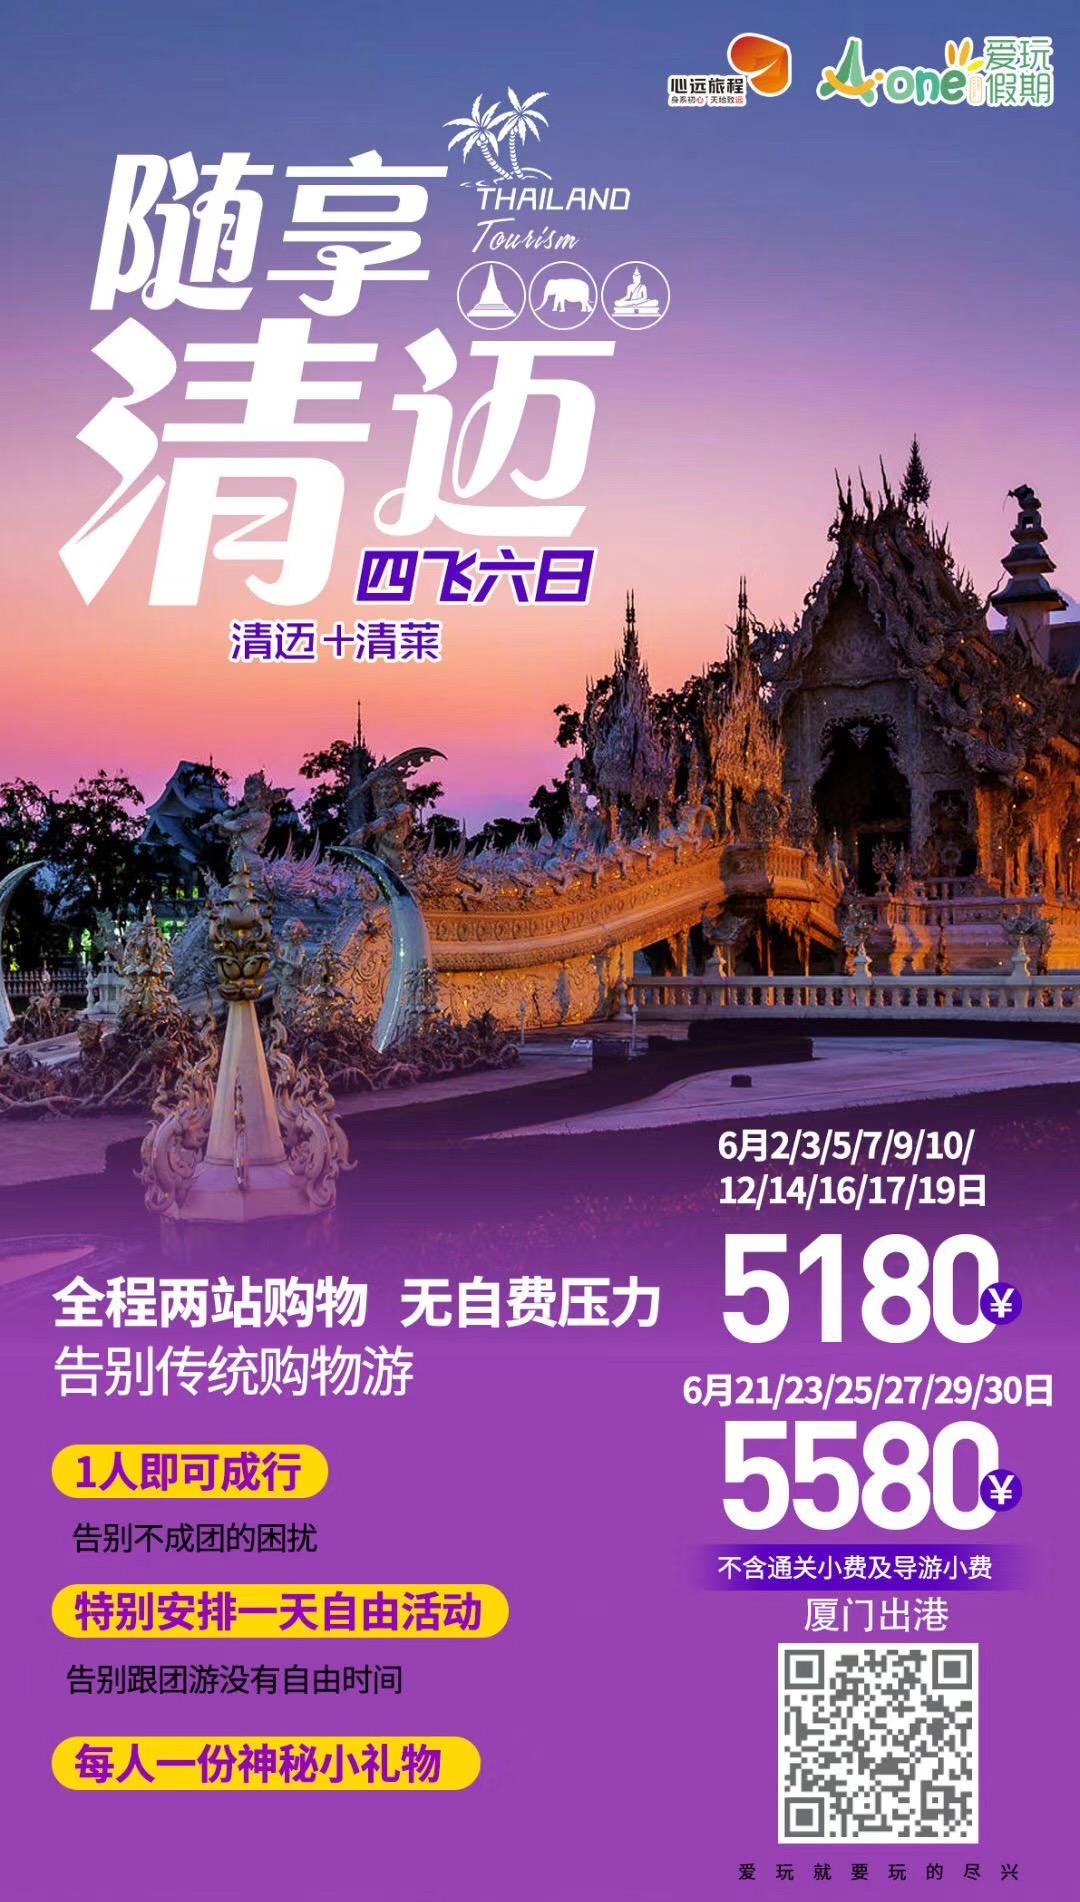 潮州国旅旅行社官网_泰国旅游团报价 6月去泰国旅游图片海报_厦门国旅官网